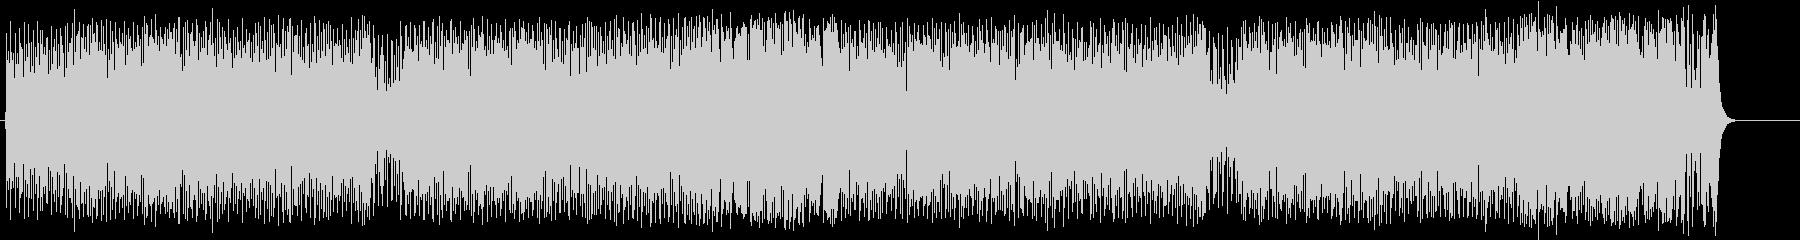 逞しいファンクポップ/ロックの未再生の波形